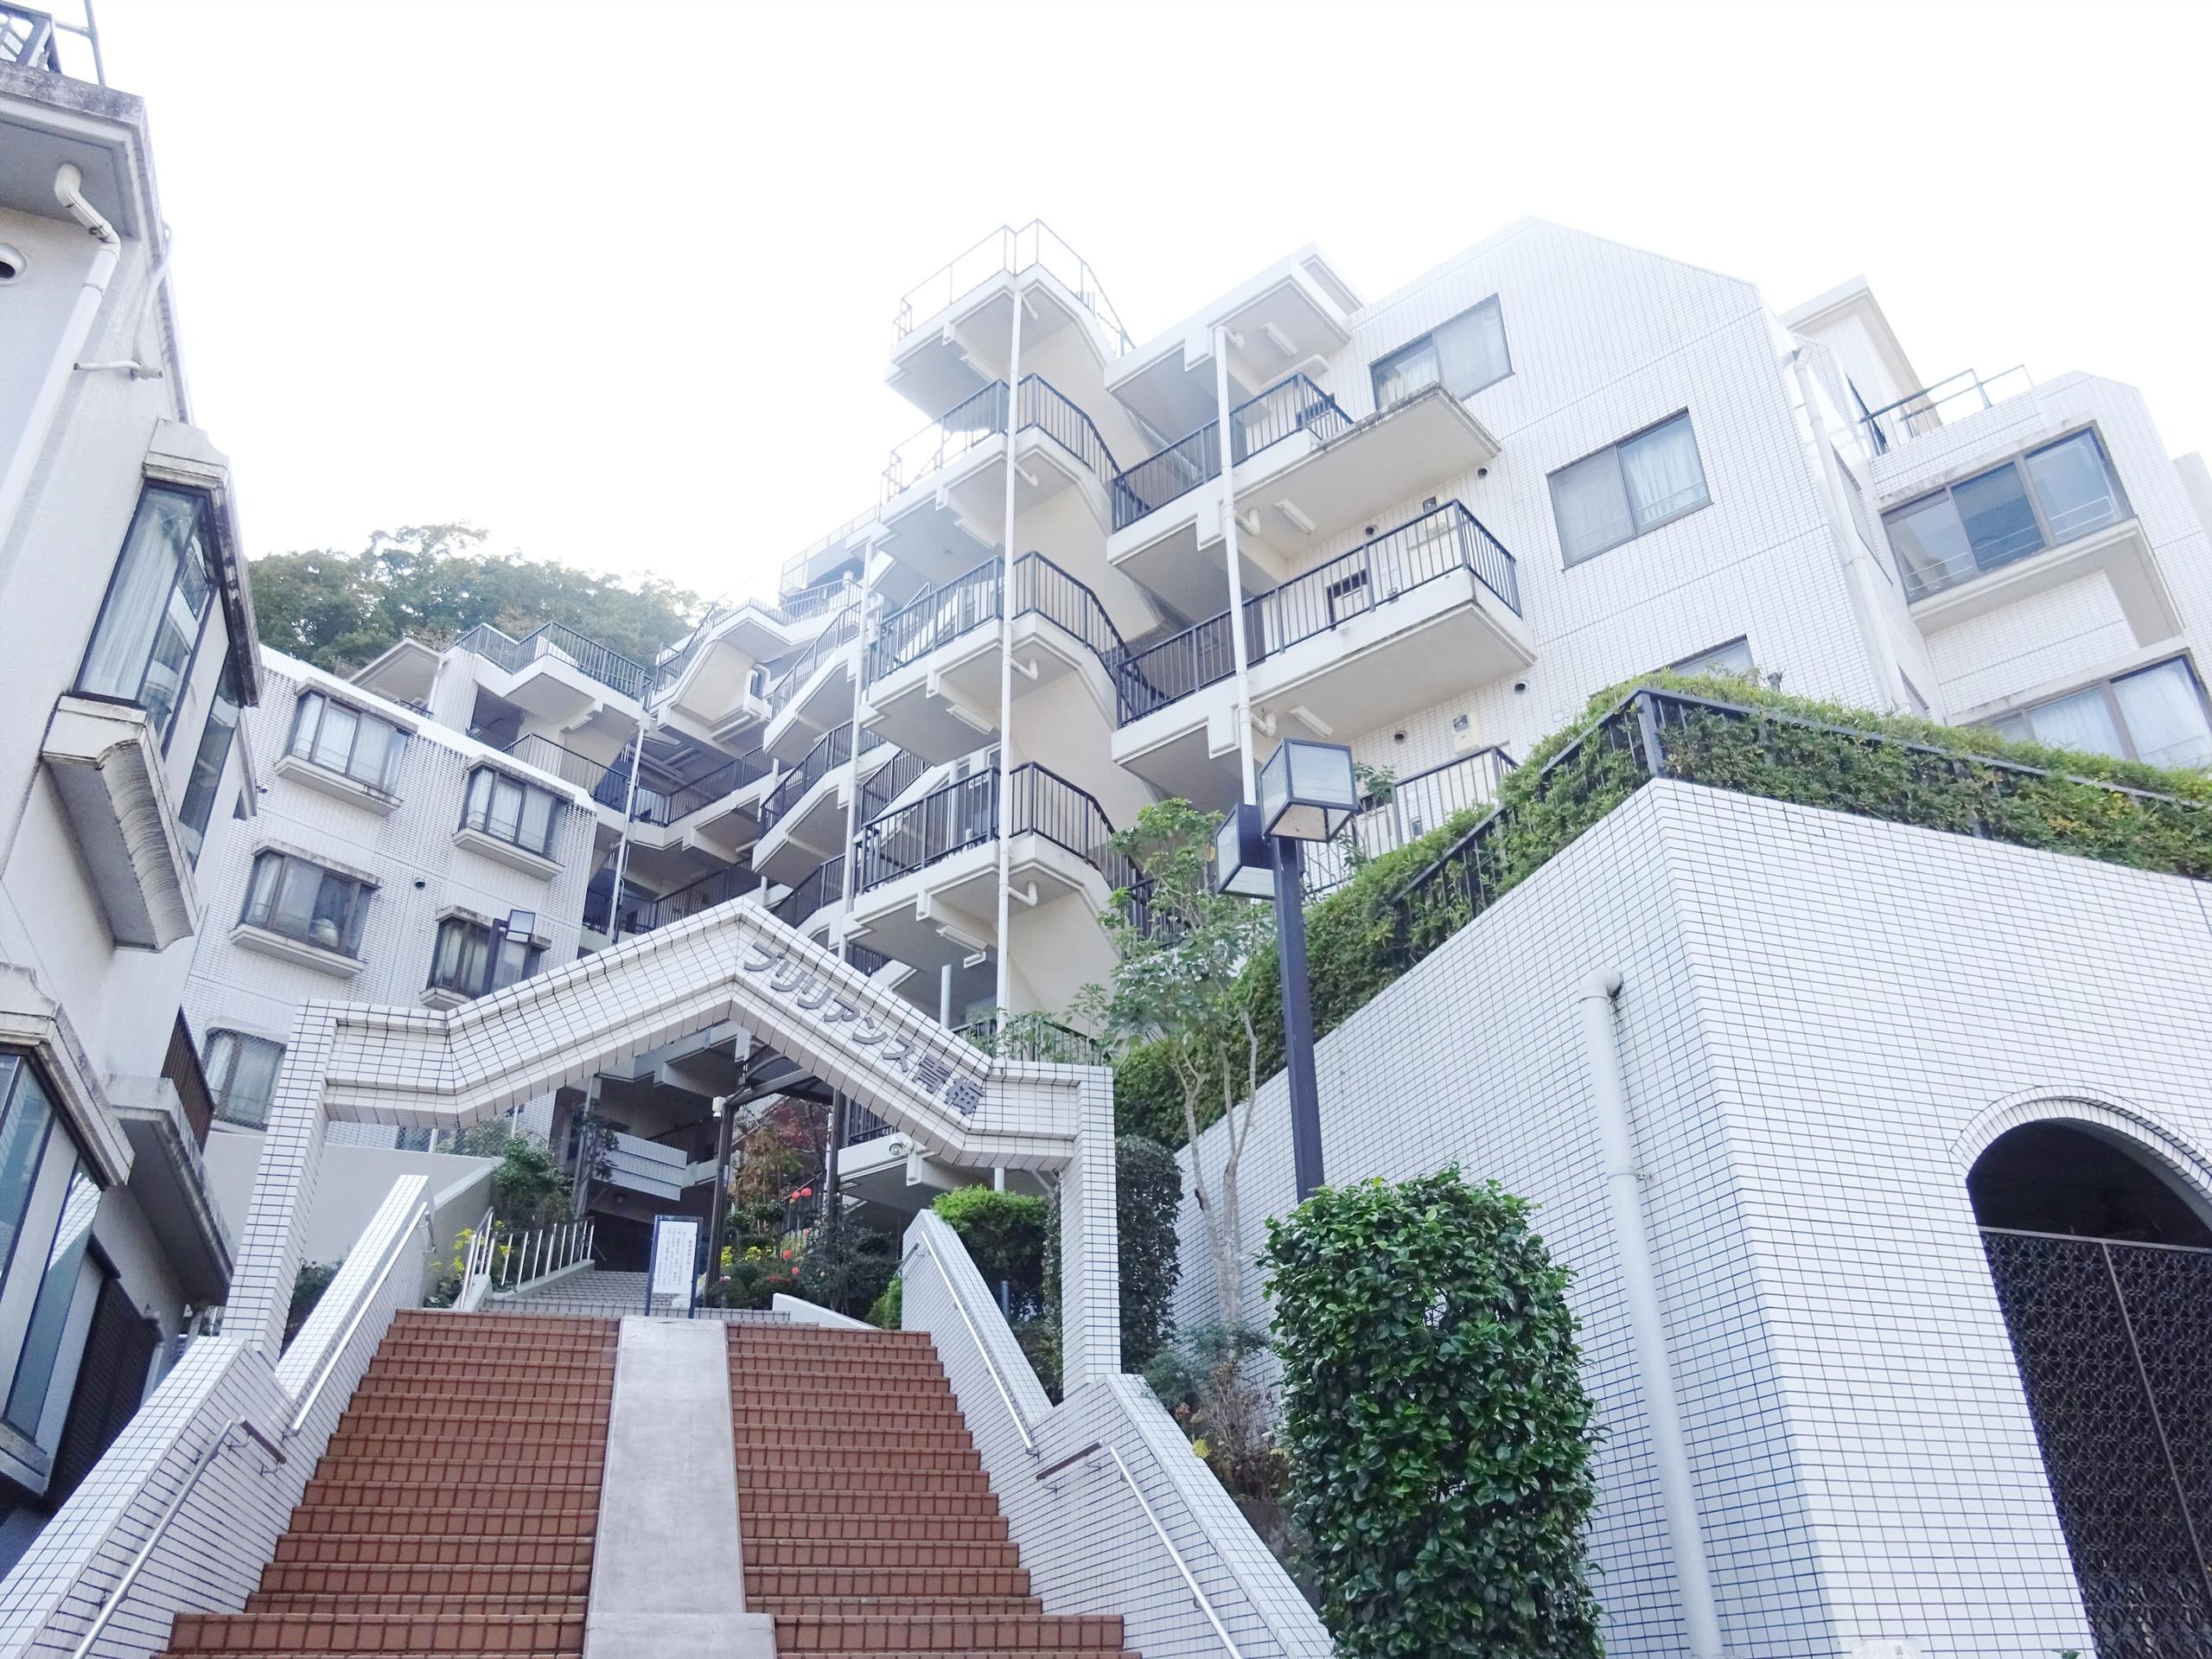 【外観写真】 階段が素敵な オシャレなお城のような外観♪